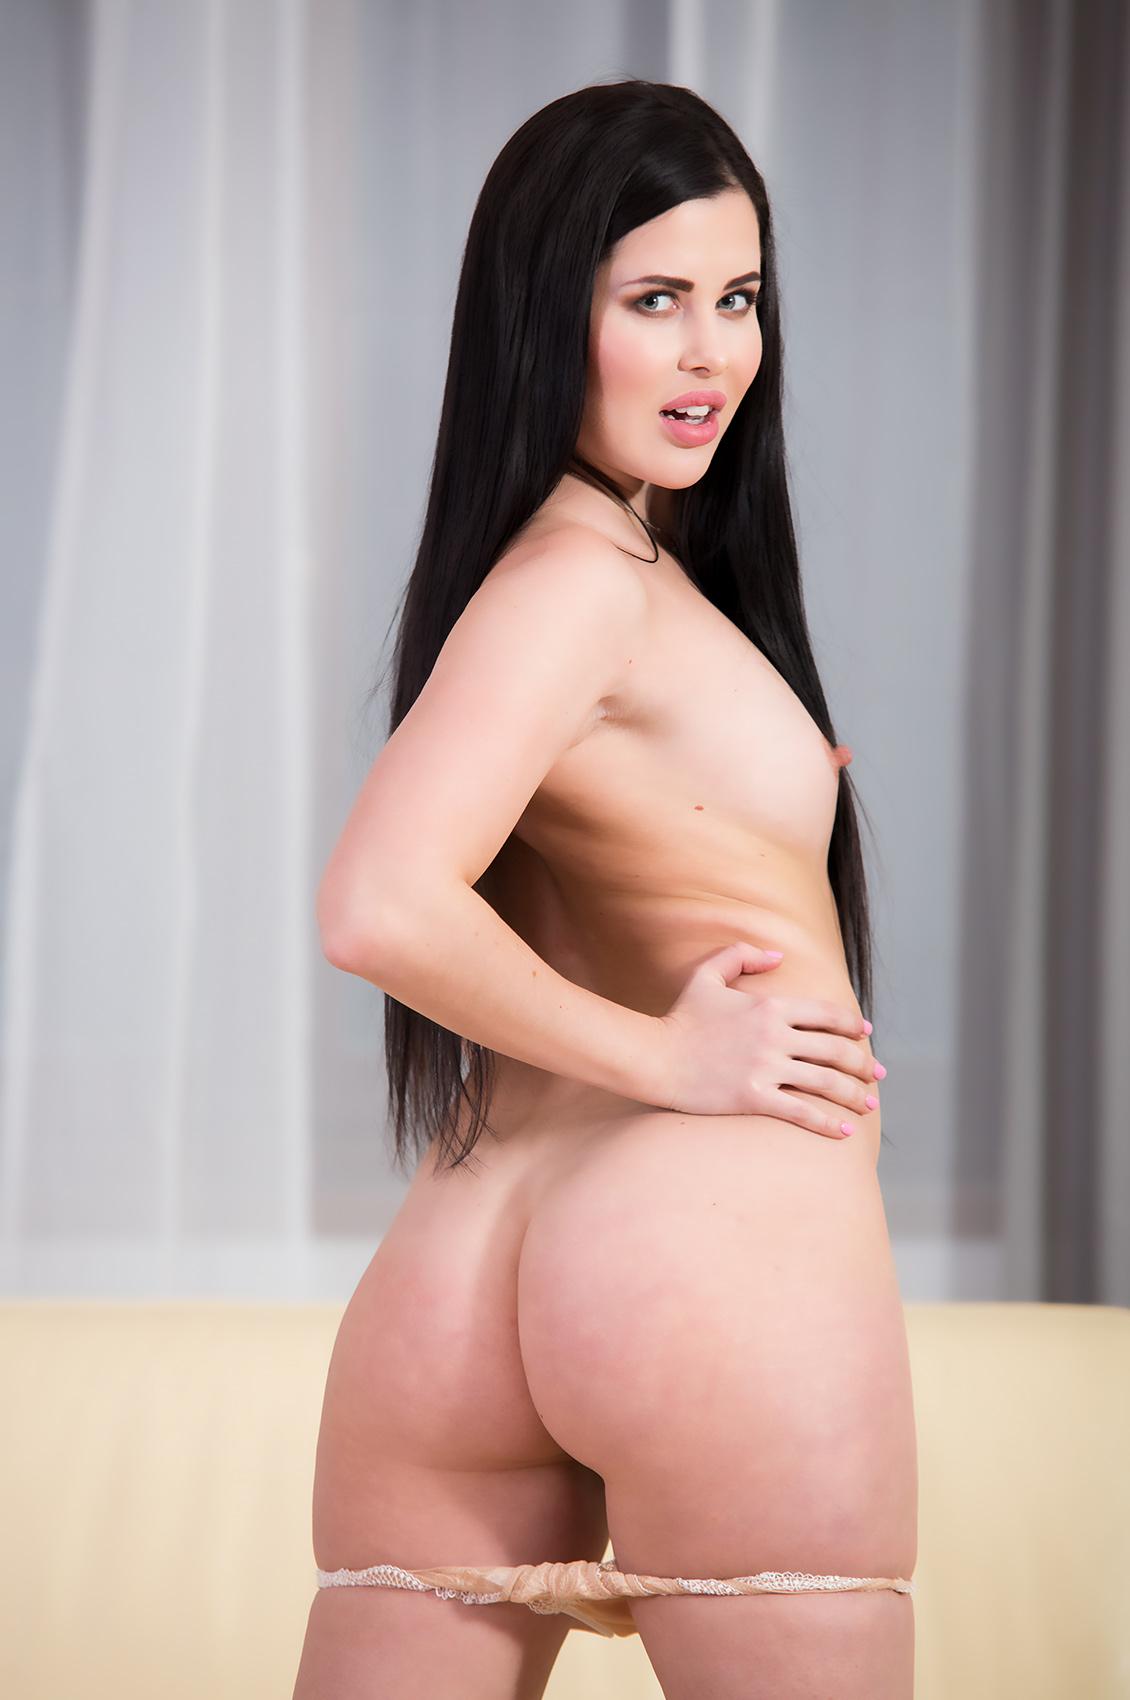 Cassie Fire's VR Porn Videos, Bio & Free Nude Pics